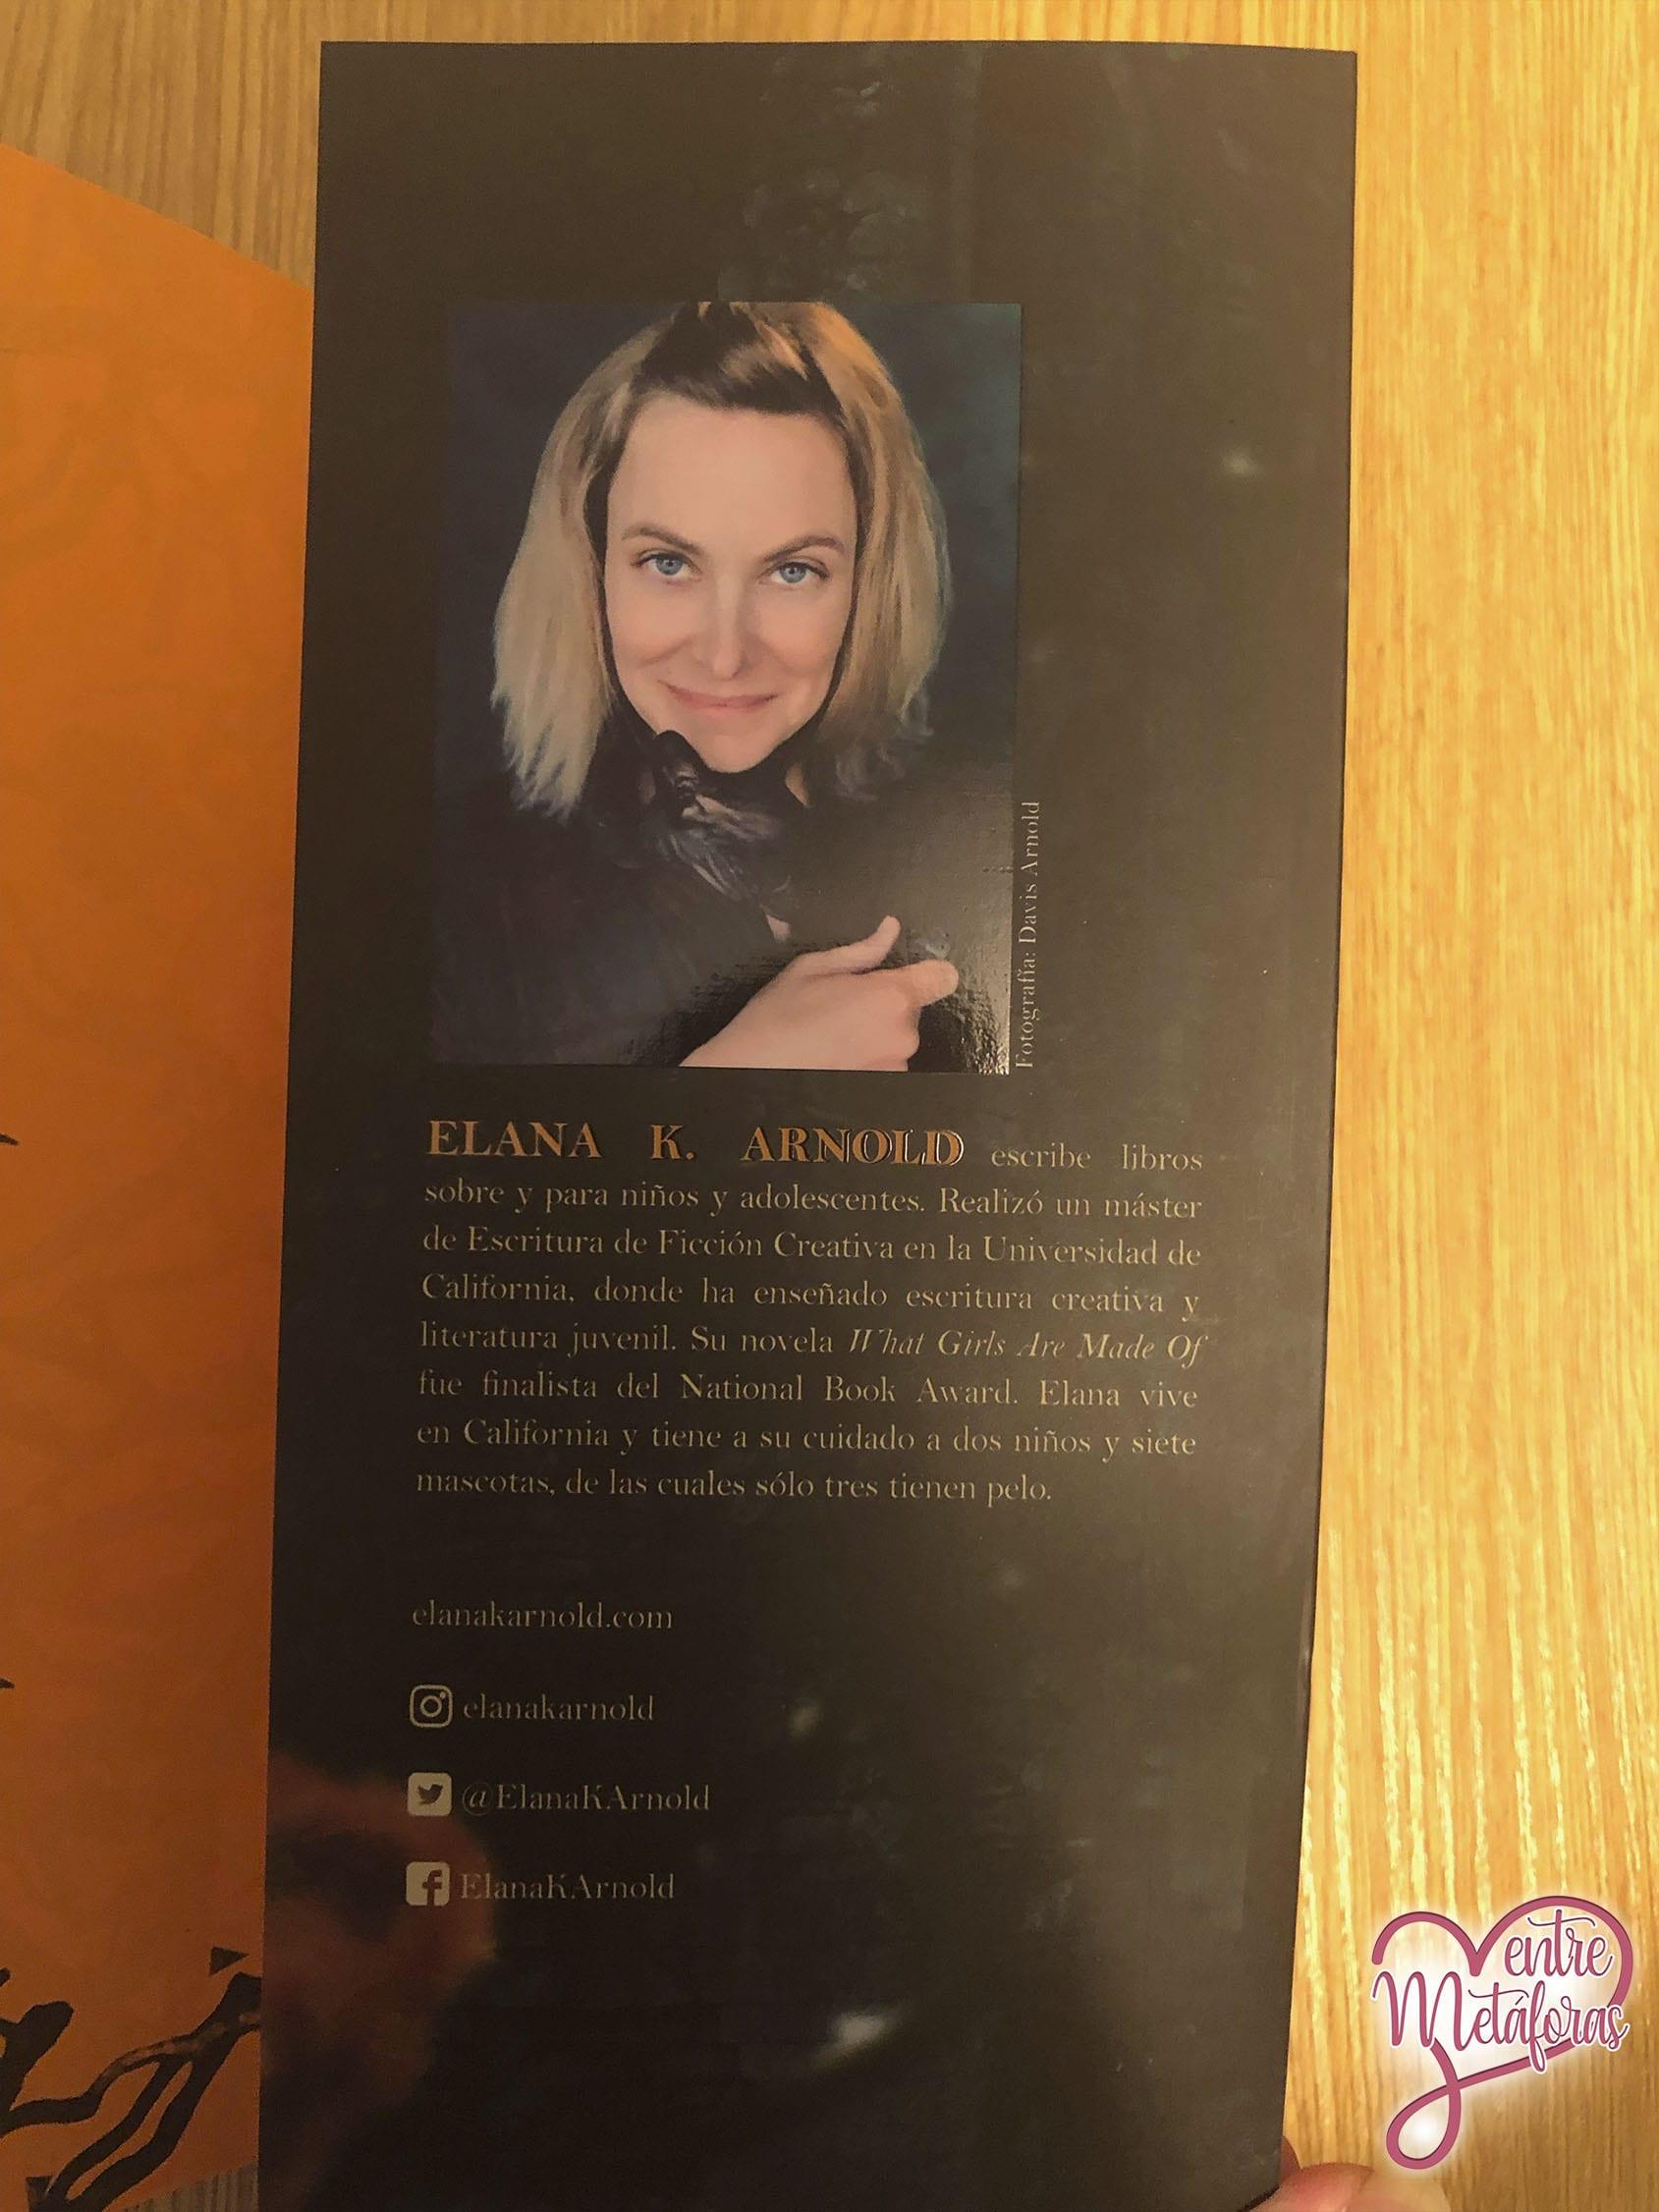 Damisela, de Elana K. Arnold - Reseña